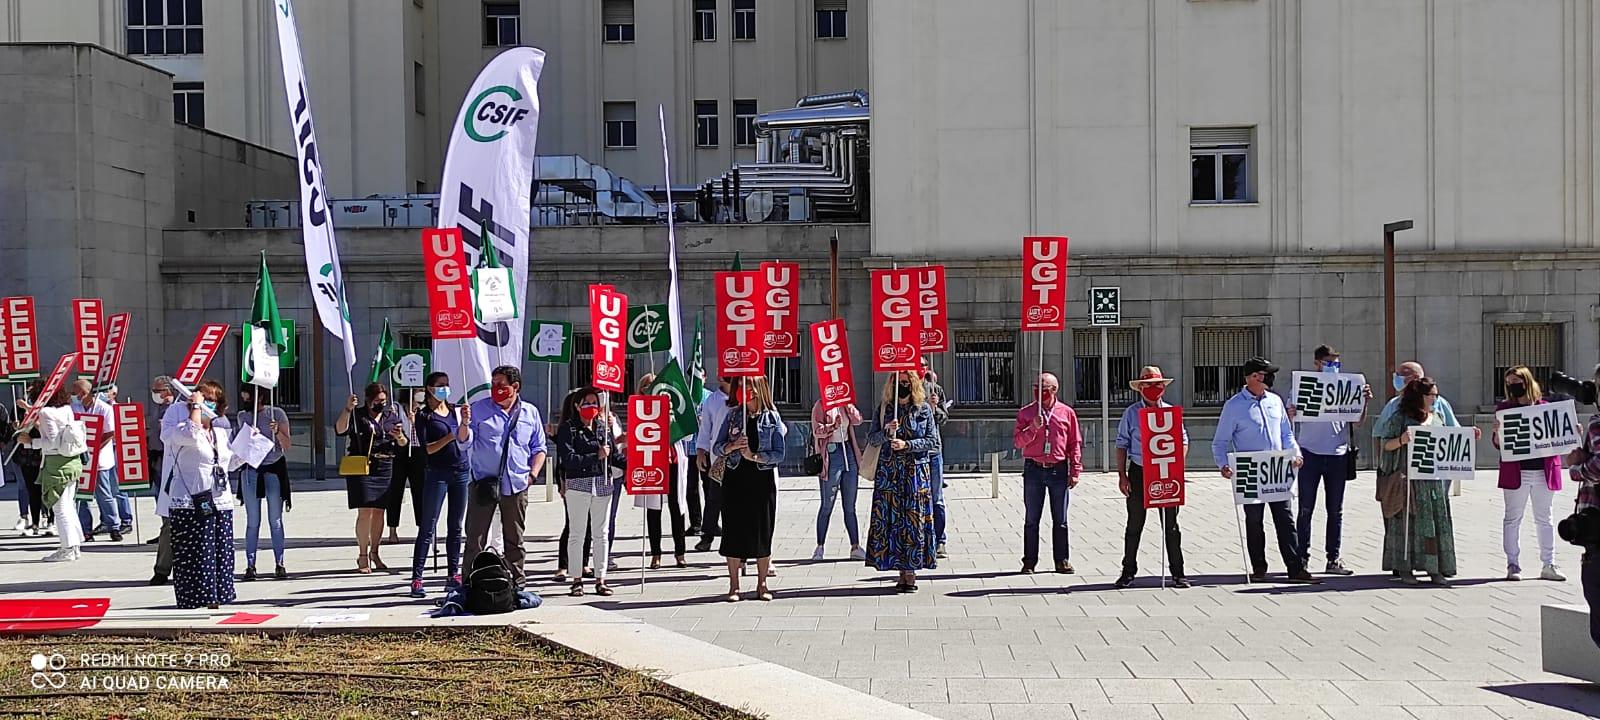 Los Sindicatos de la Sanidad Pública piden amparo al presidente de la Junta frente al «atropello» de derechos al personal del SAS